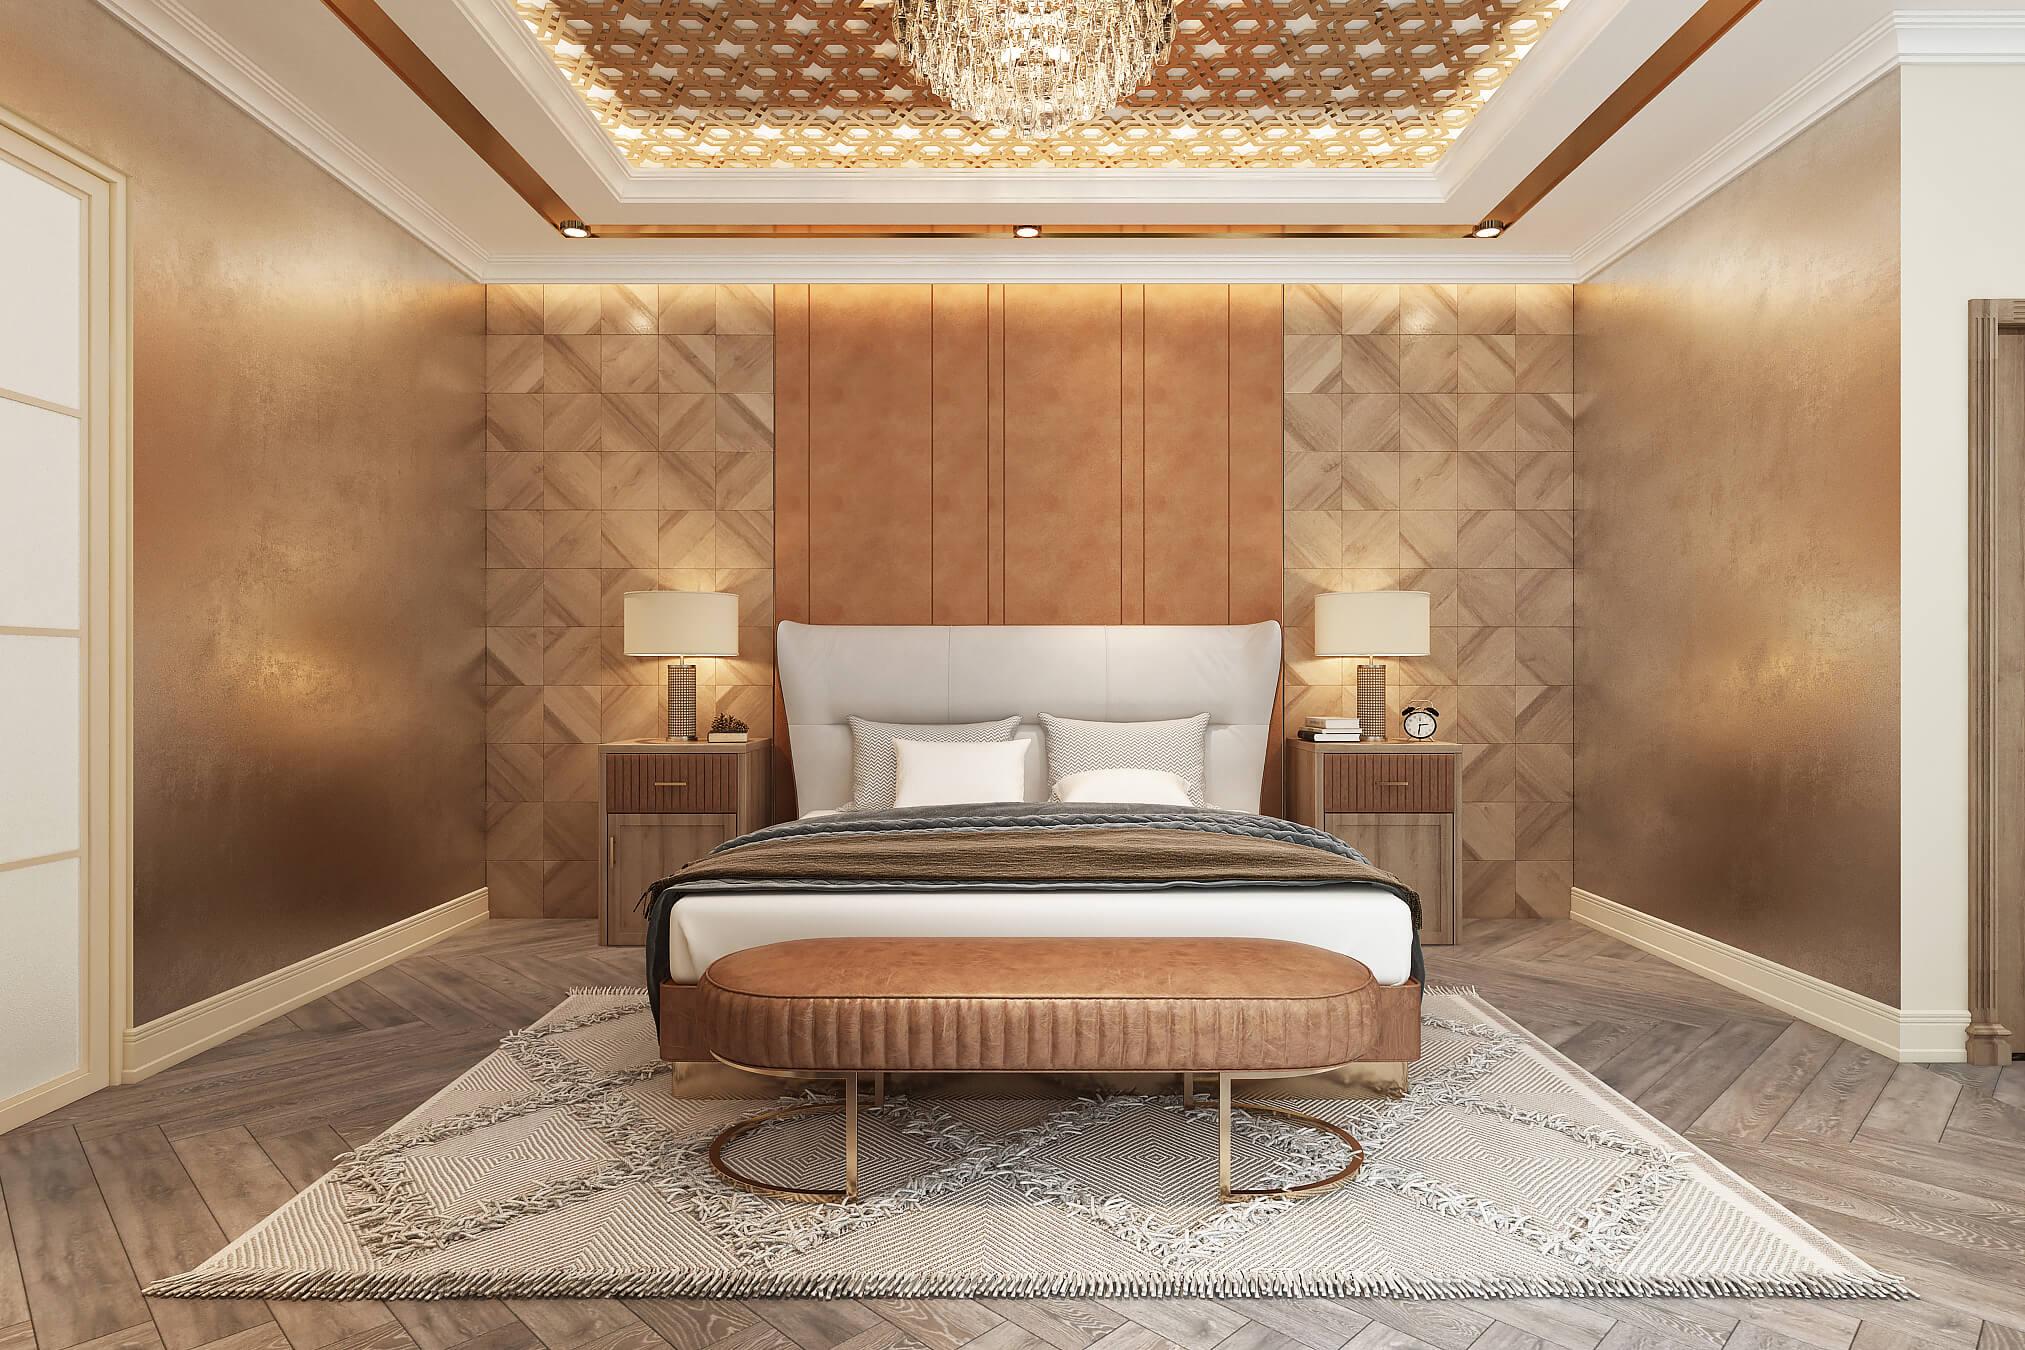 thiết kế nội thất mỹ thái 2